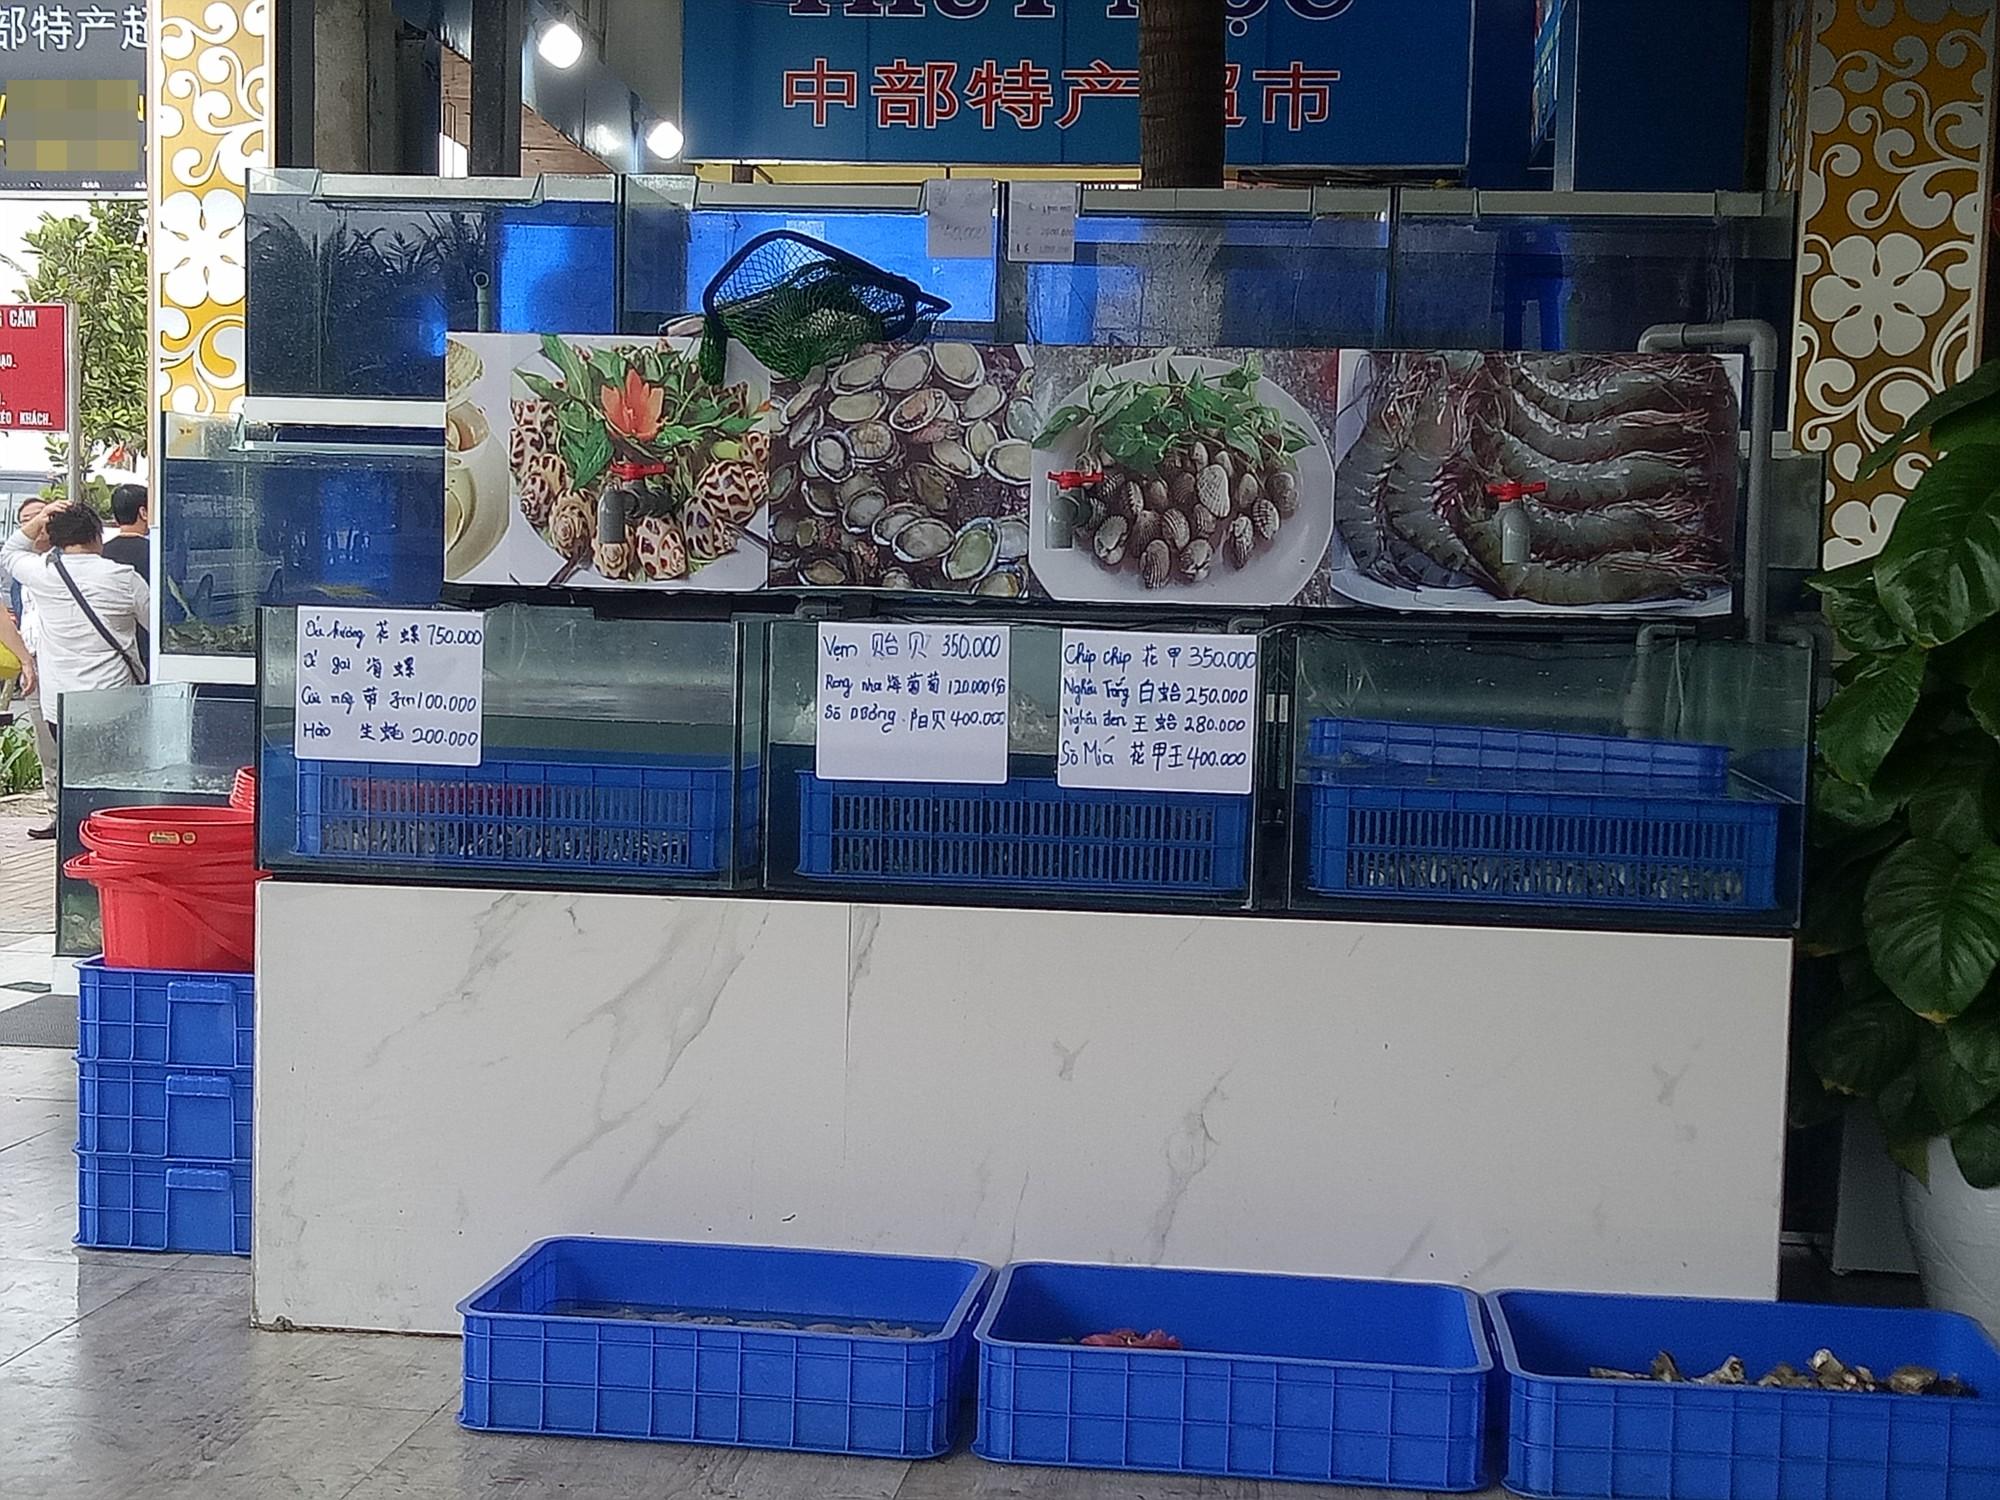 Du khách tố nhà hàng ở Đà Nẵng chặt chém, đưa hóa đơn toàn chữ Trung Quốc - Ảnh 3.